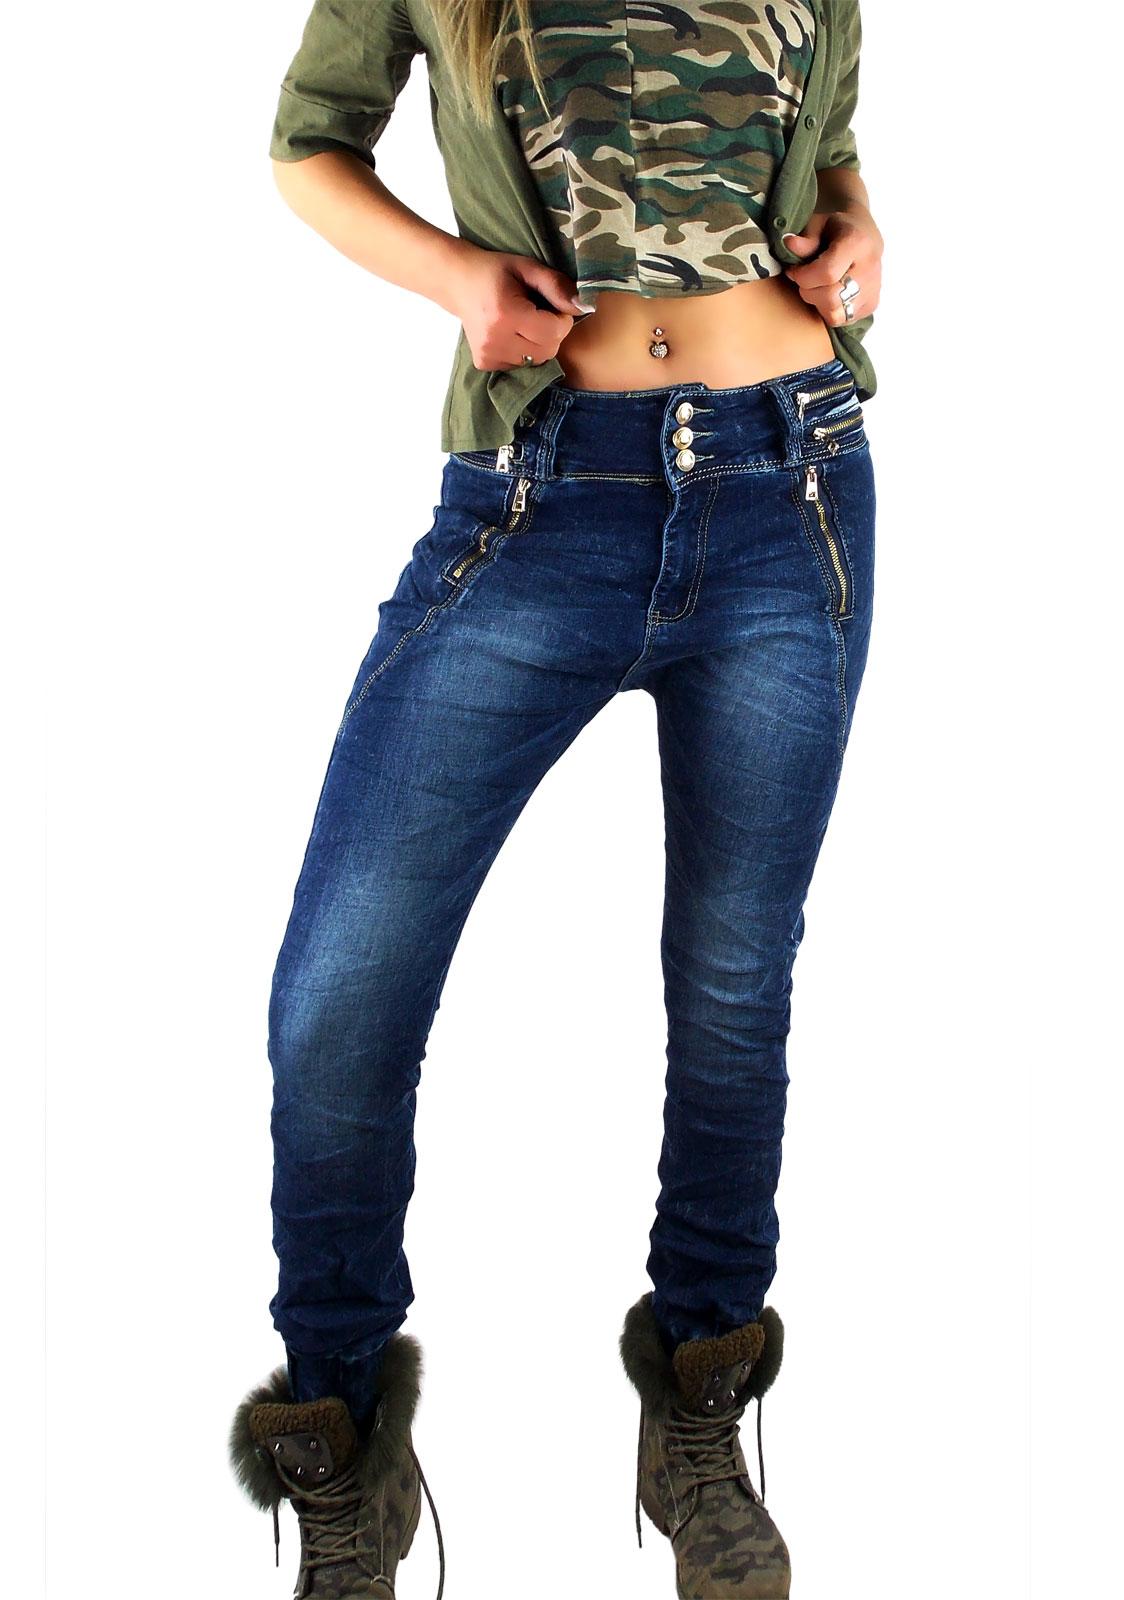 Damen Jogg Jeans Hose Harem Chino Aladin in dunkelblau mit goldfarbenen Reißverschlüssen